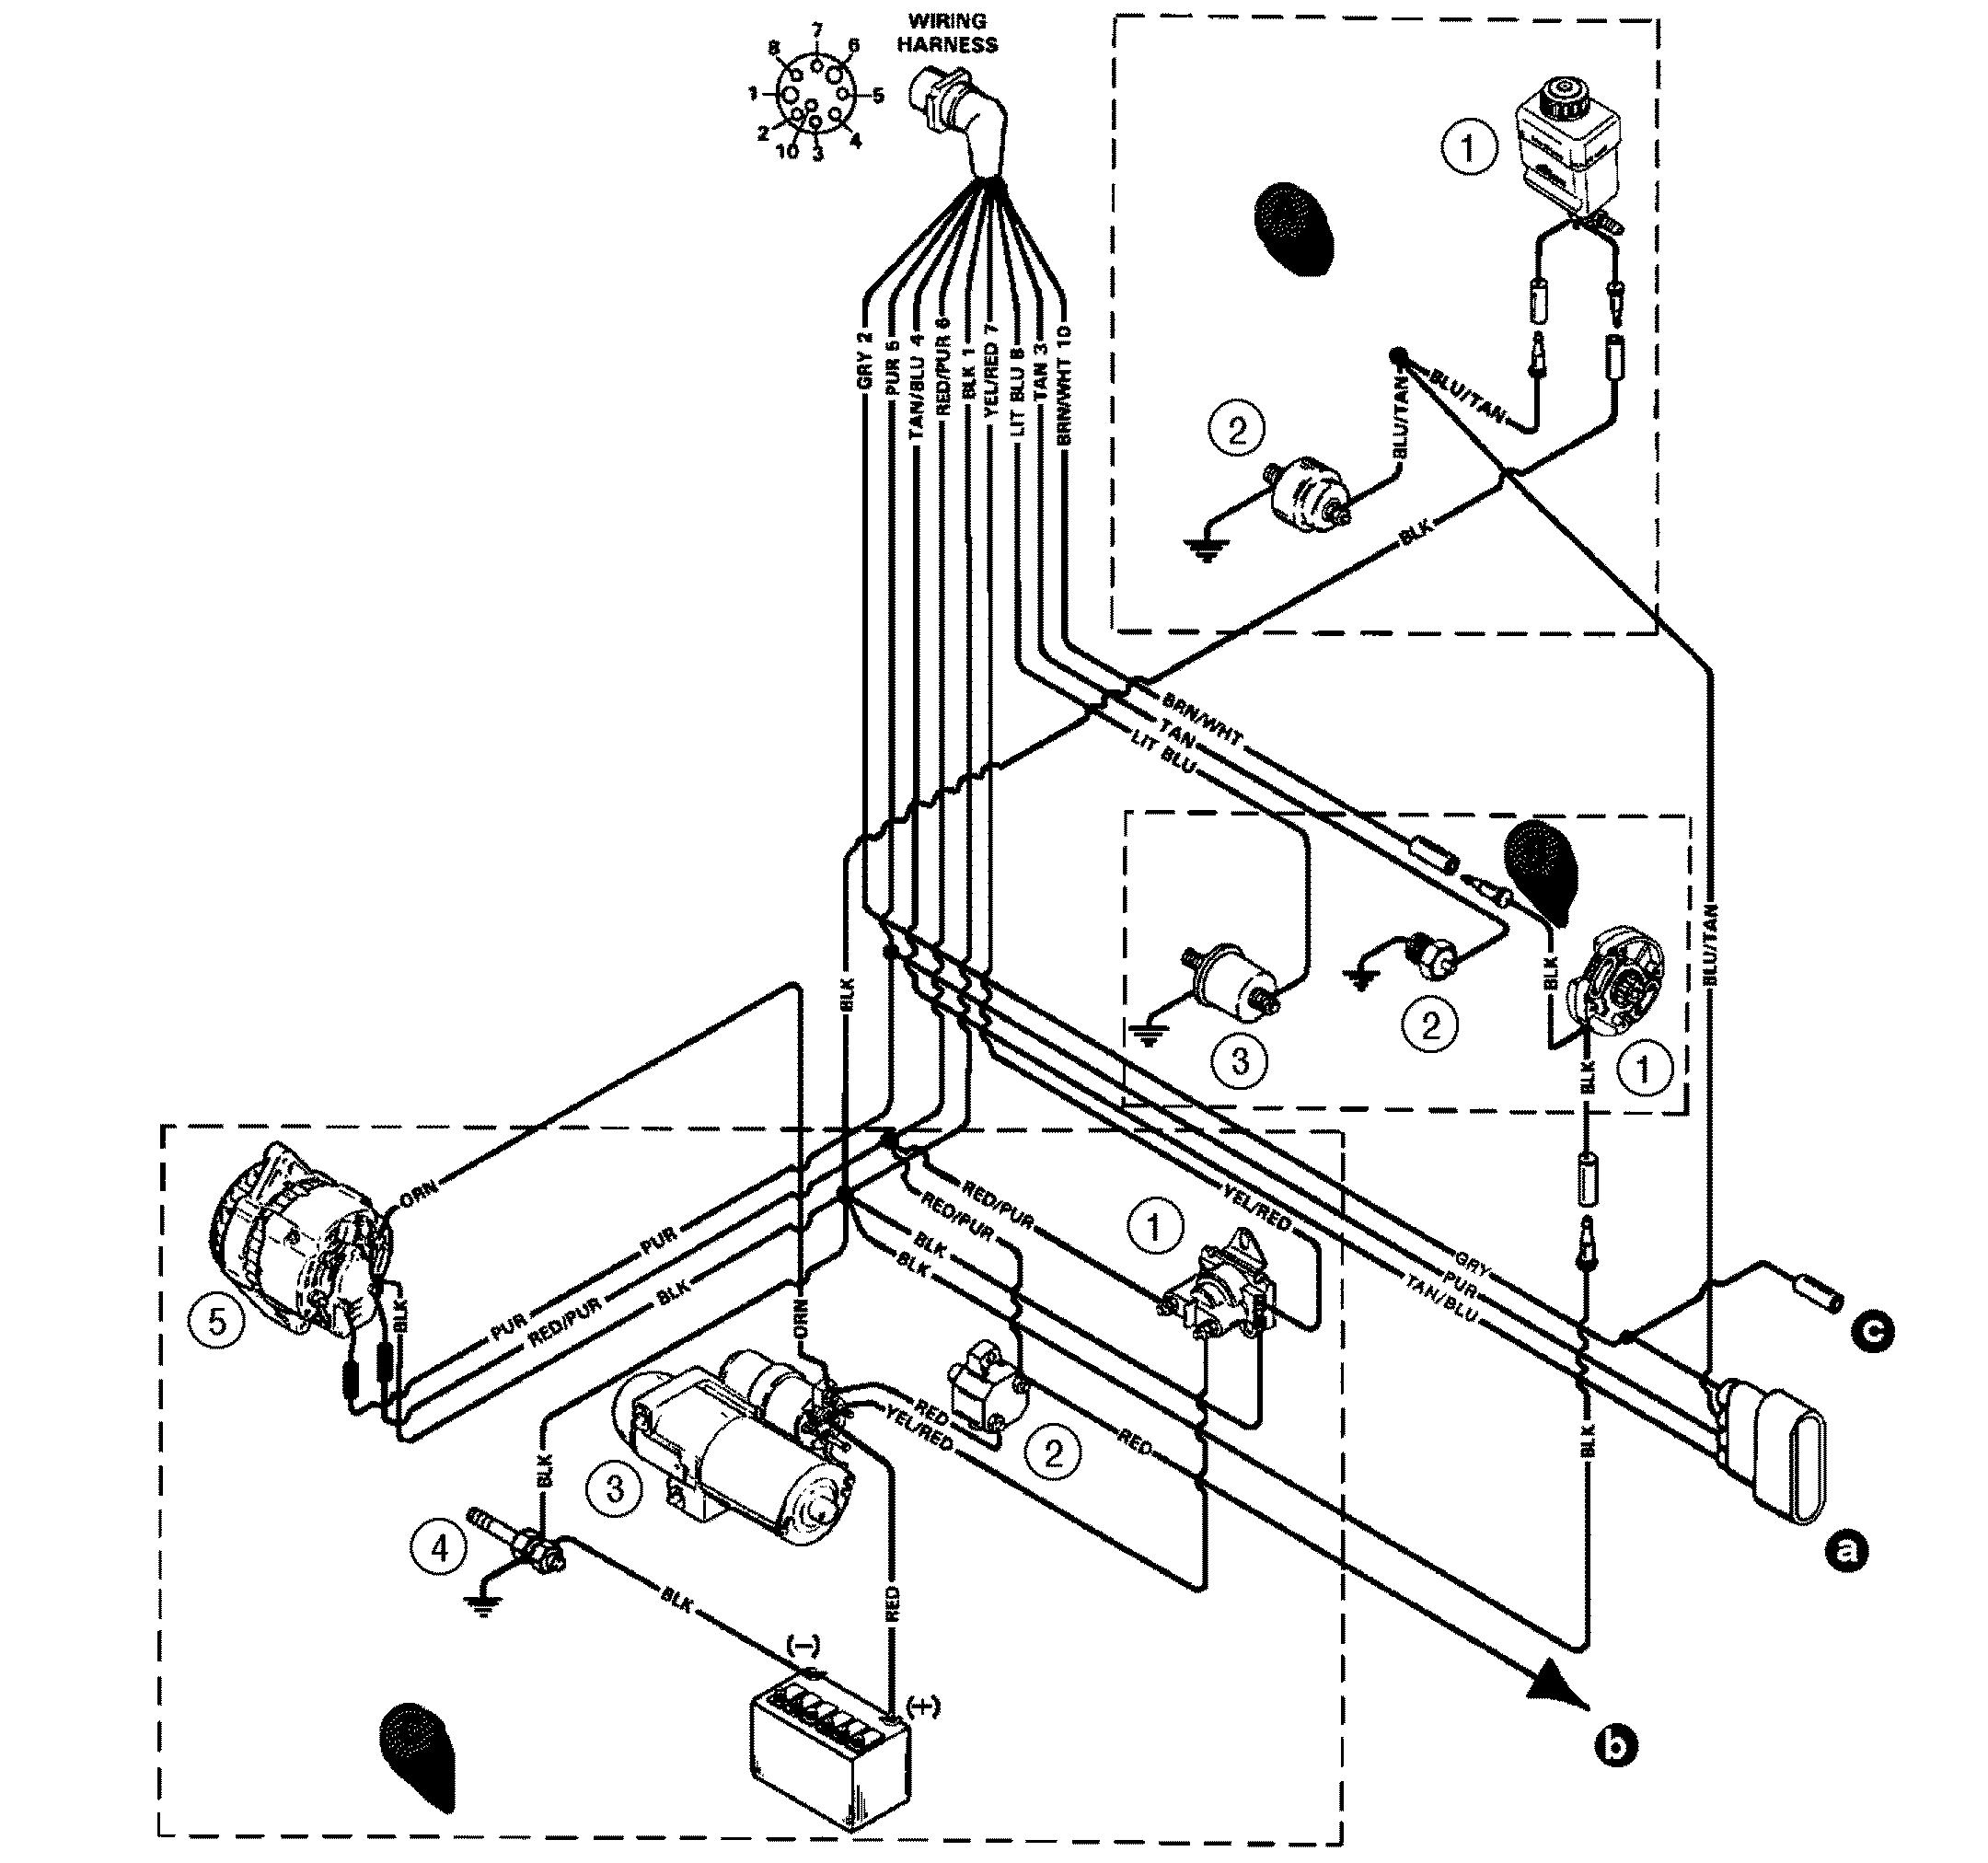 Mercury 350 Starter Wiring - Wiring Diagram